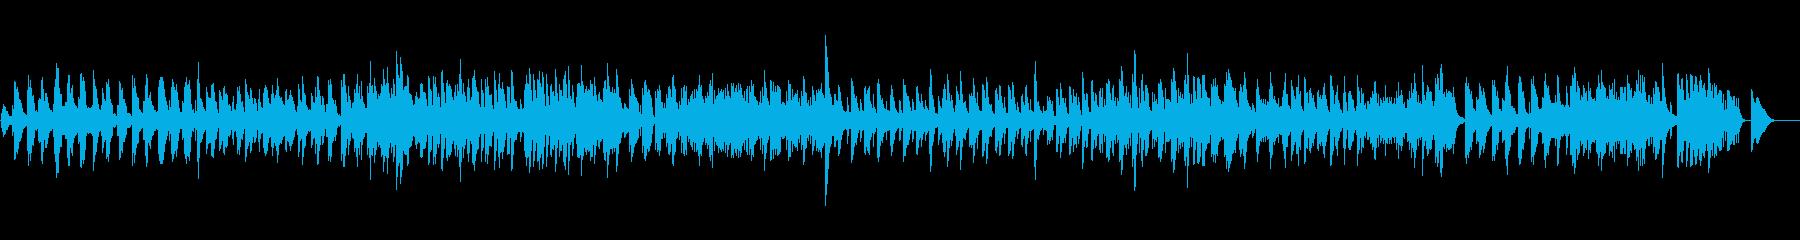 ハープの吟遊詩人の語る物語のはじまりの曲の再生済みの波形